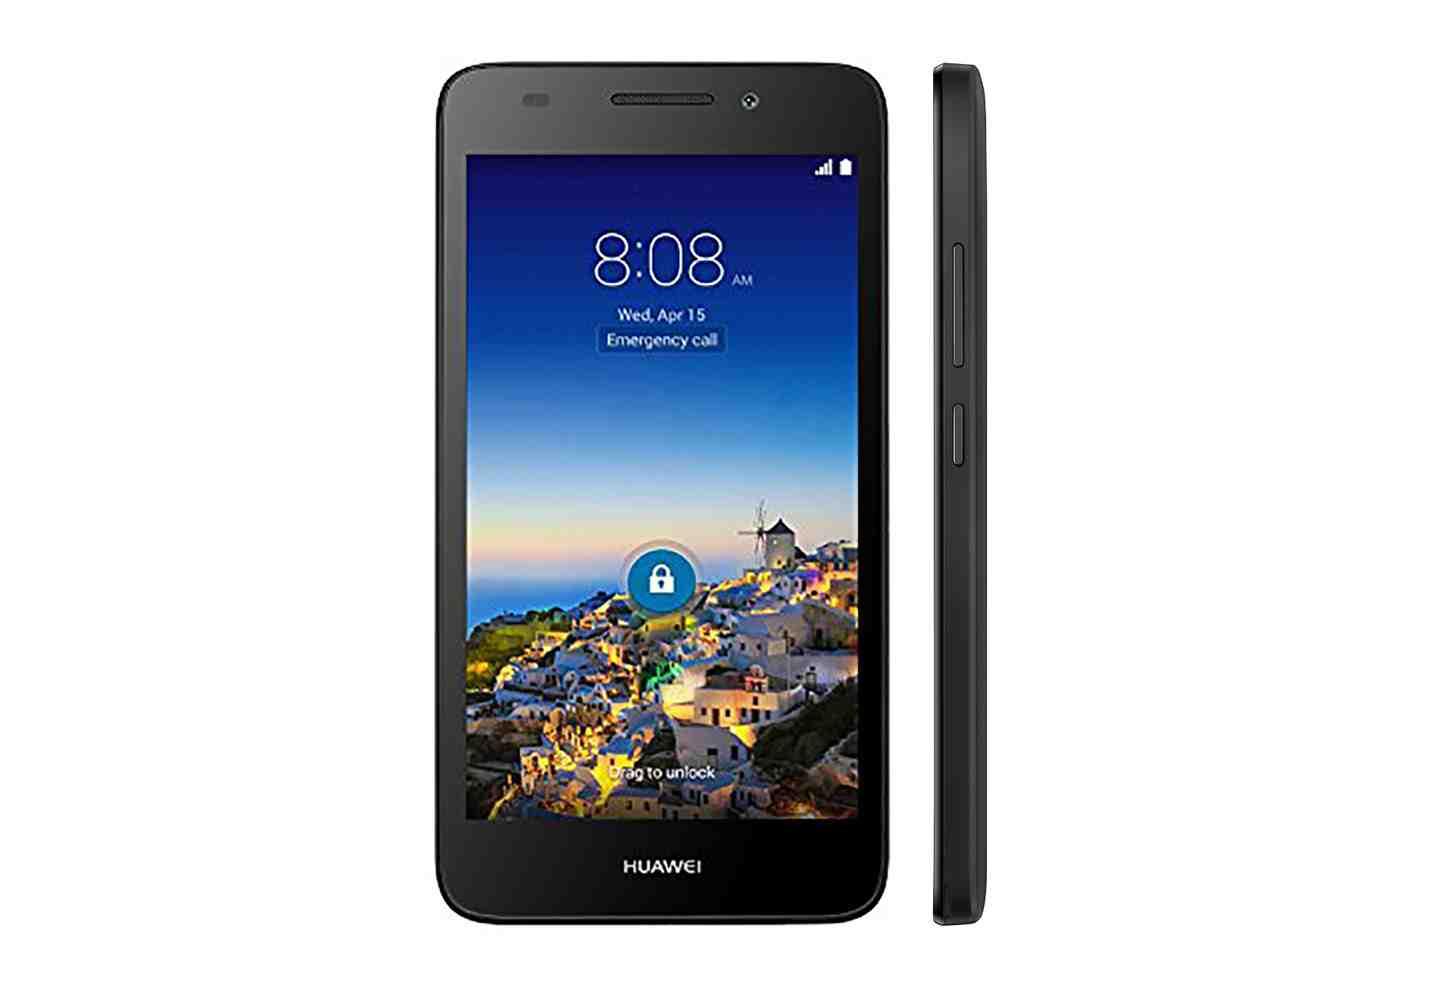 Huawei SnapTo Image